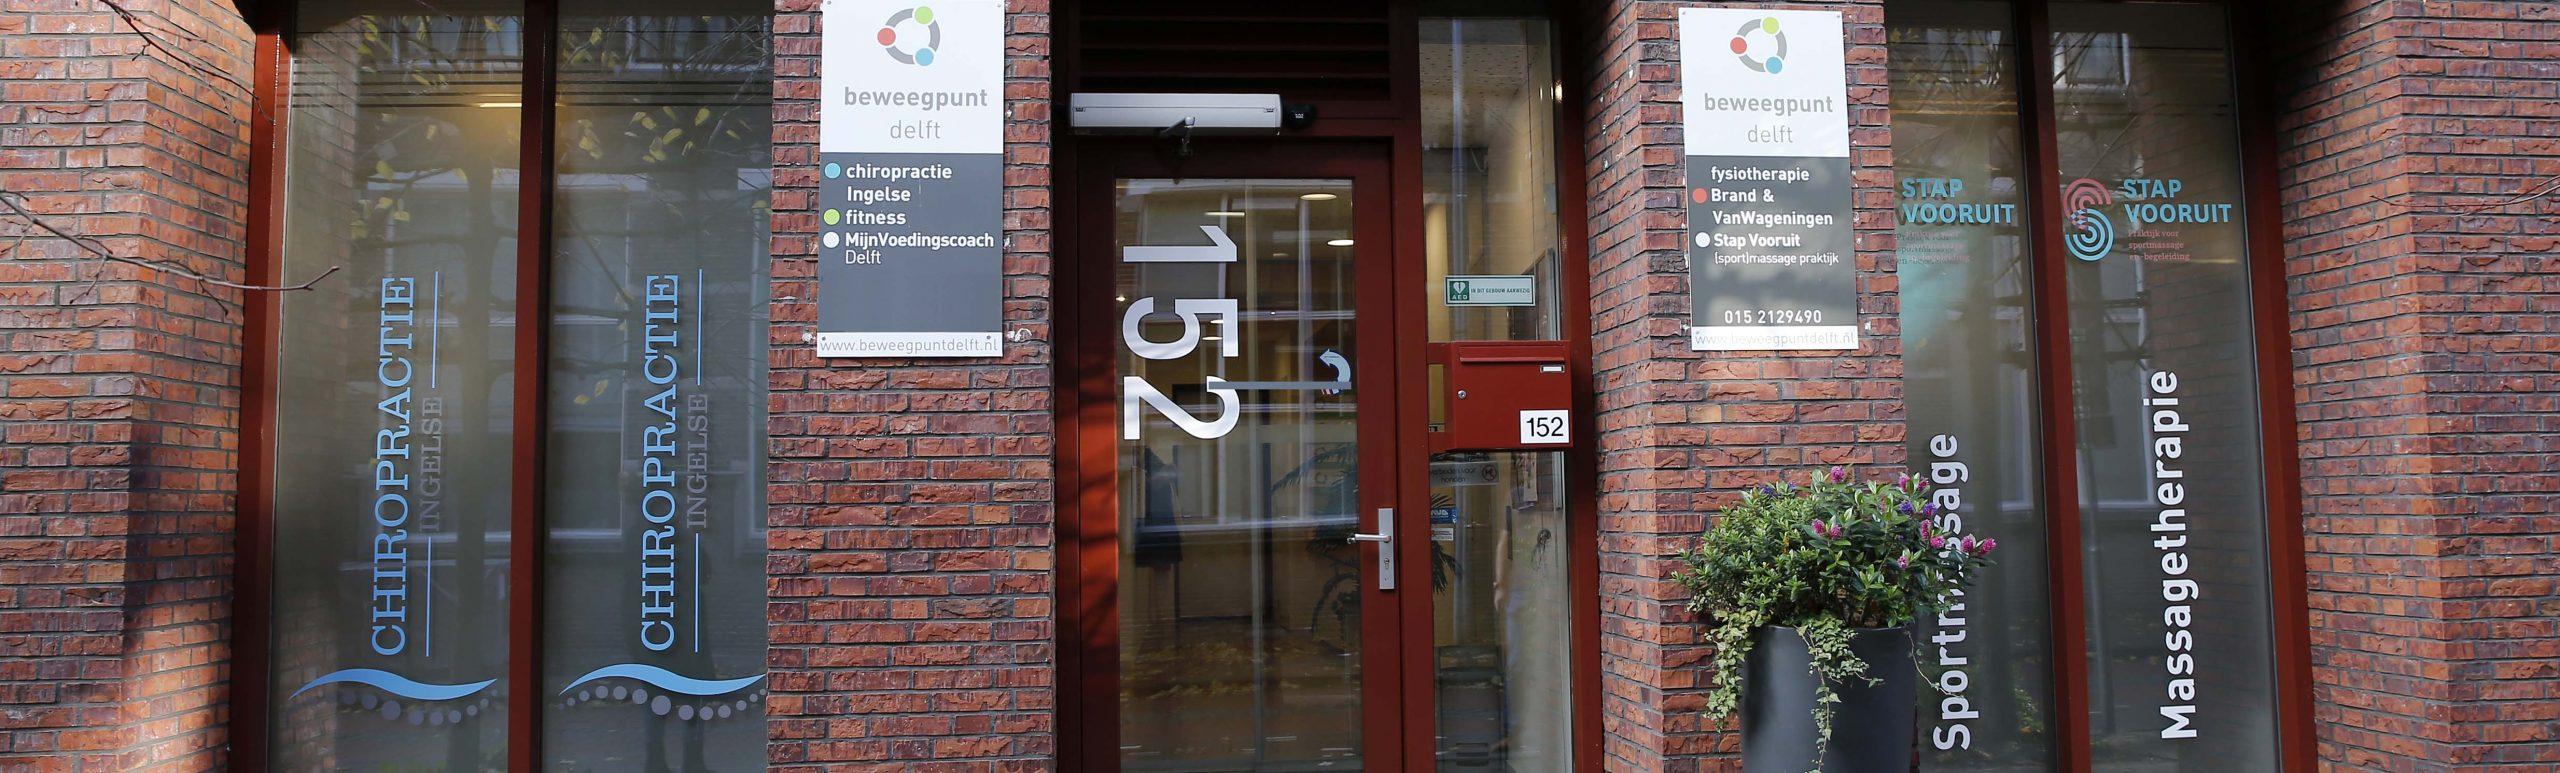 Welkom bij Beweegpunt Delft